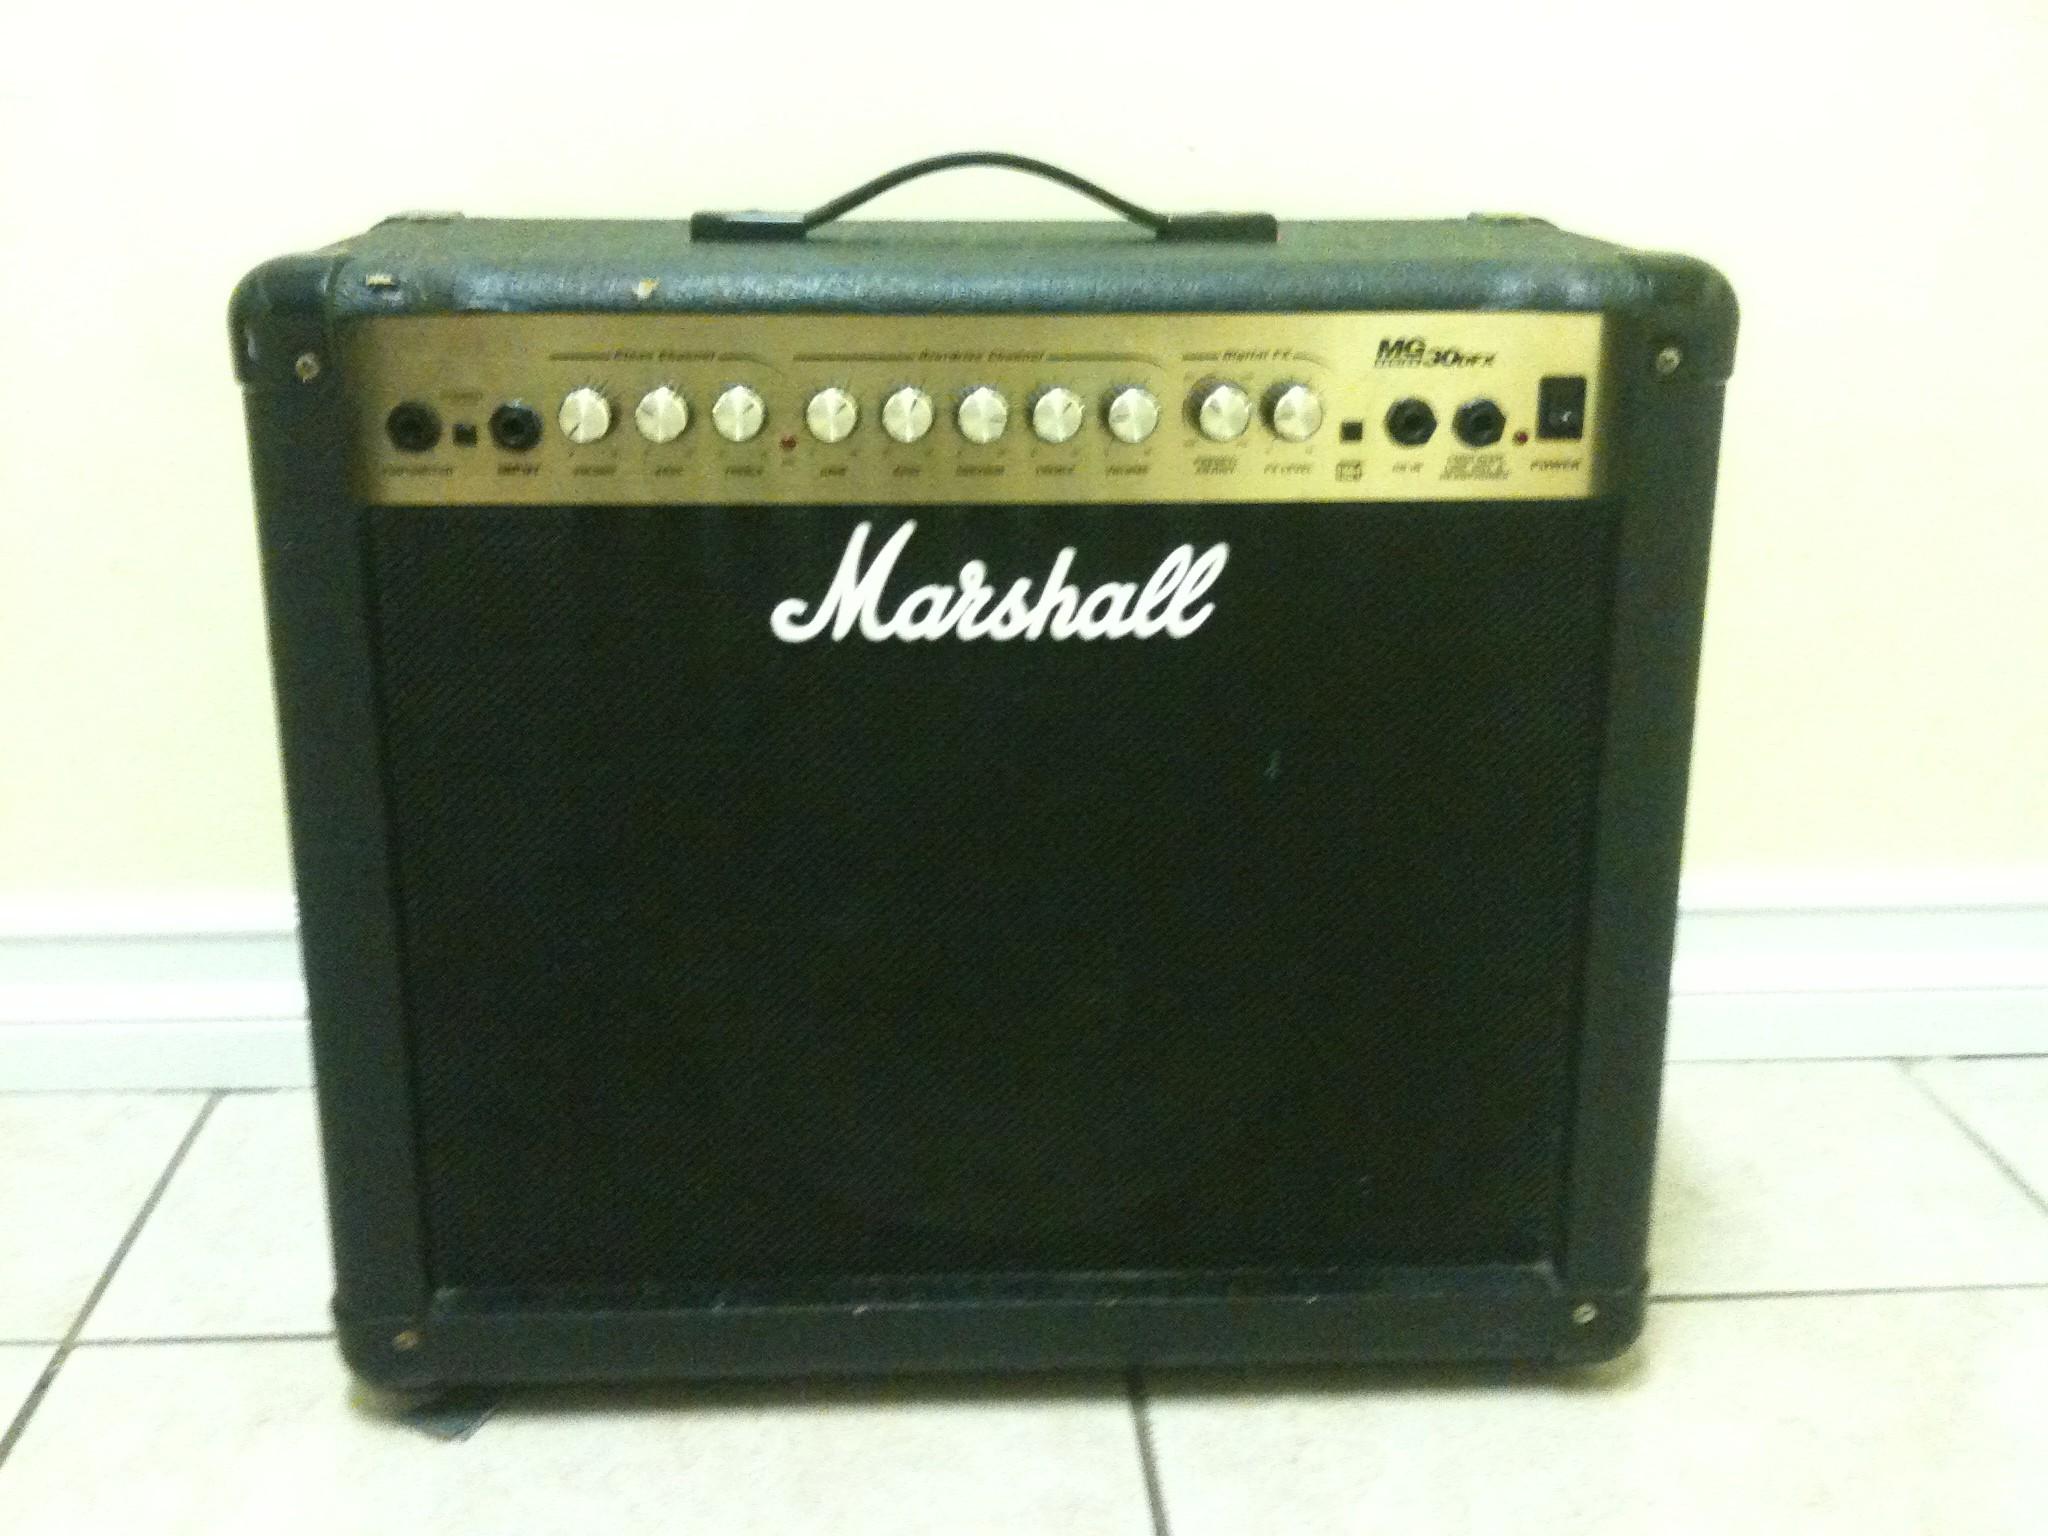 Marshall amp 80 watts